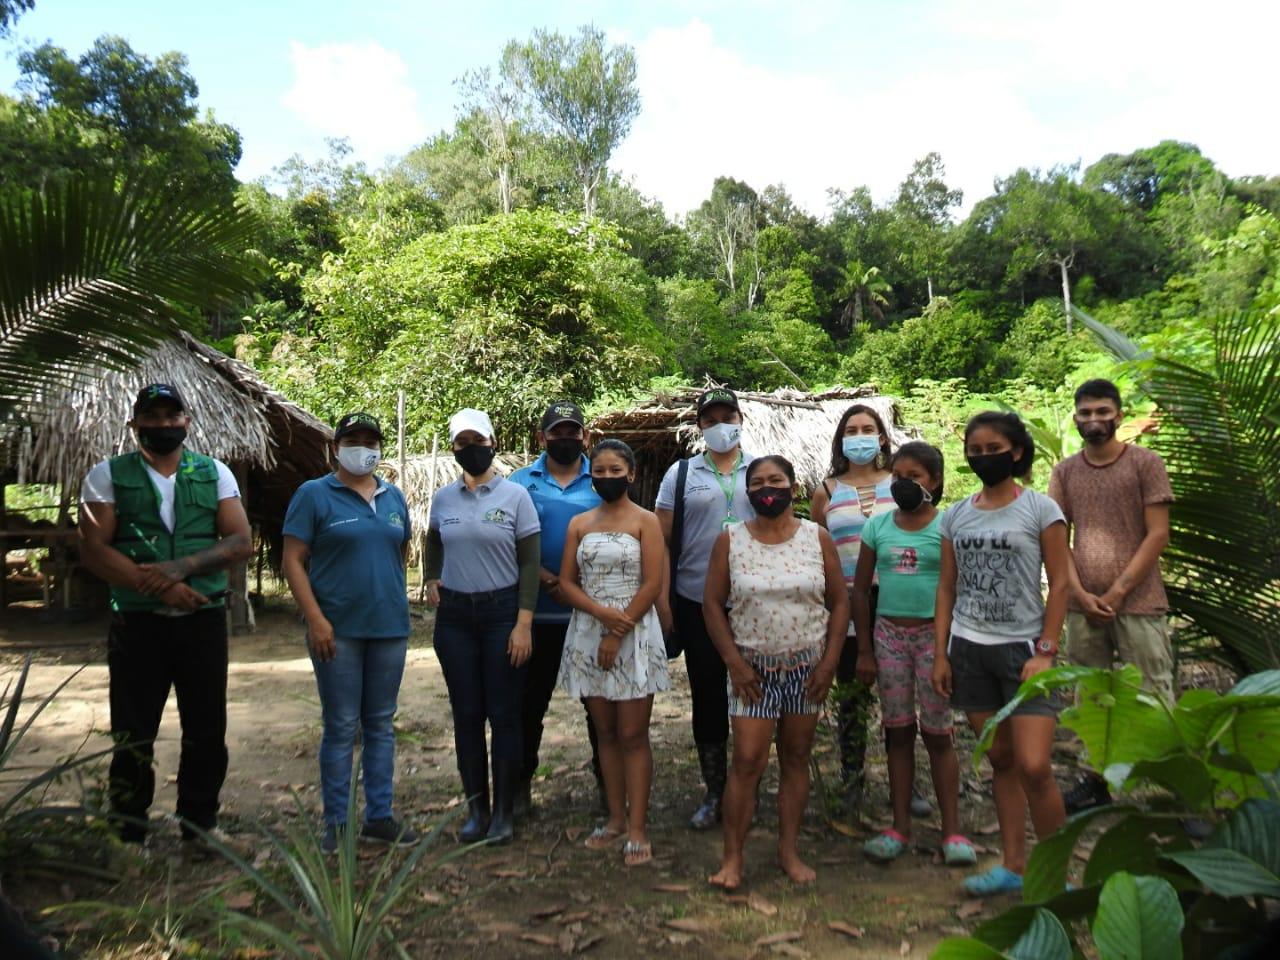 imagen alusiva a  La Dirección General de la Corporación CDA visita a Negocios Verdes del municipio de Inírida